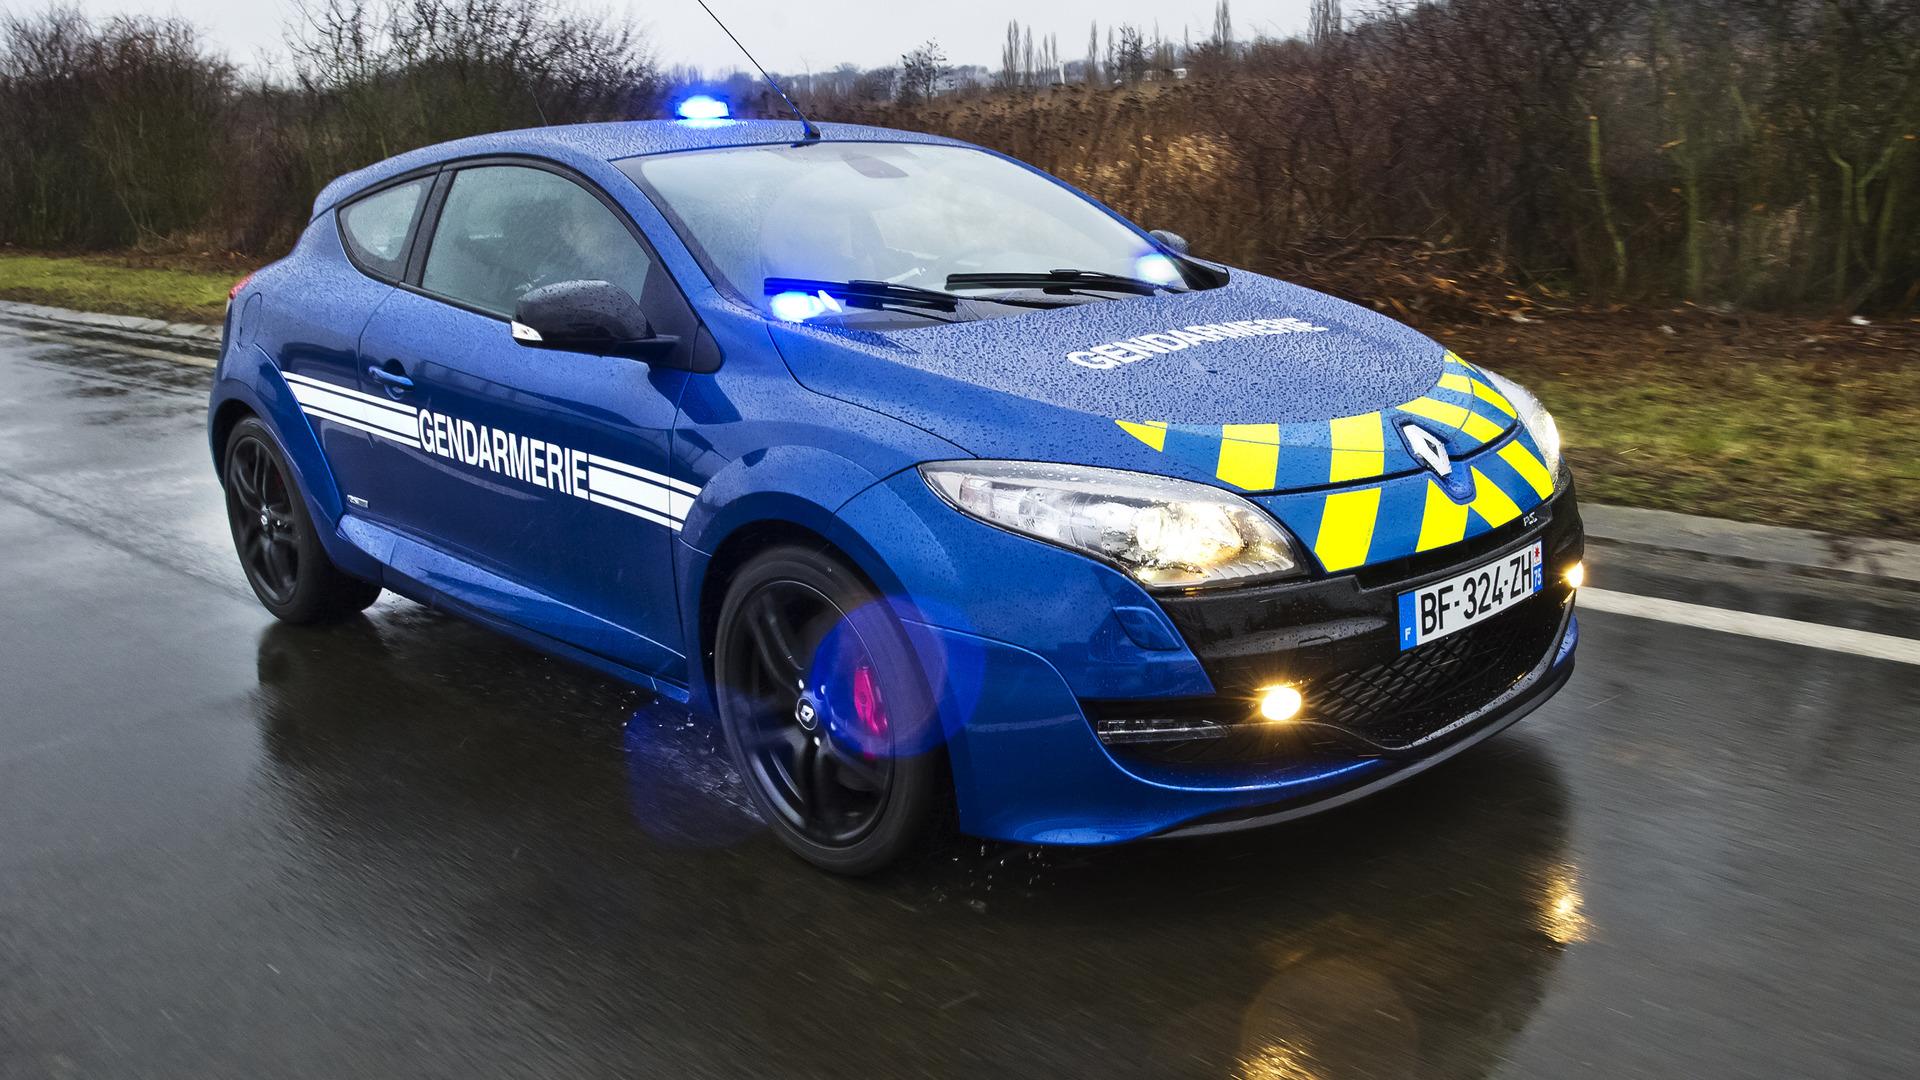 La gendarmerie est intéressée par la nouvelle Alpine A110 ...